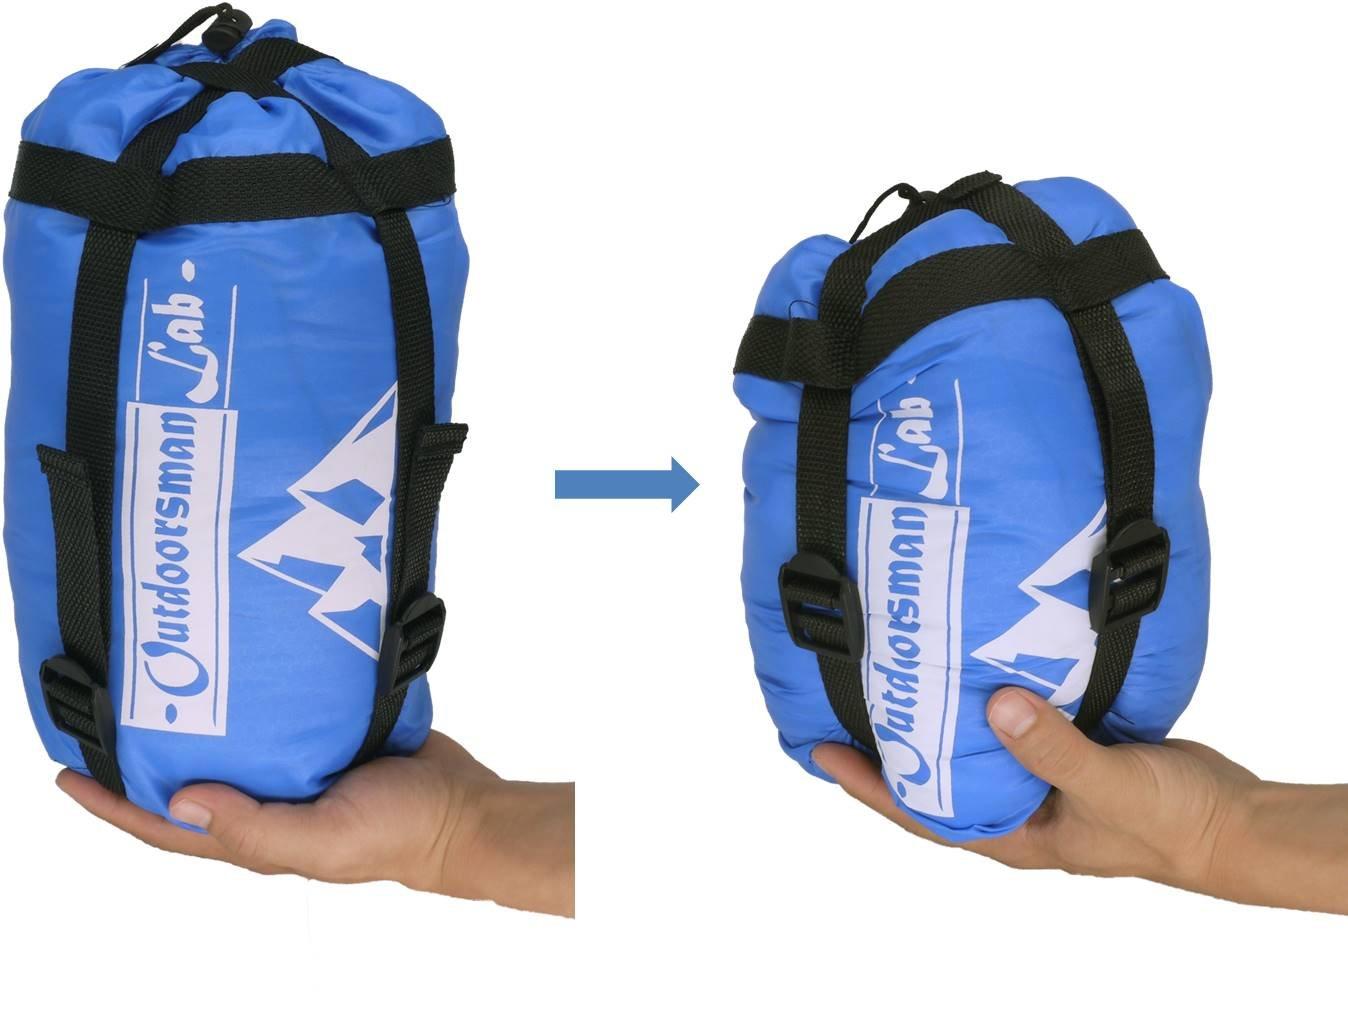 Saco de dormir ligero de OutdoorsmanLab para acampada, senderismo, viajes, verano, compacto, plegable, con bolsa de compresión, funda de almohada, ...